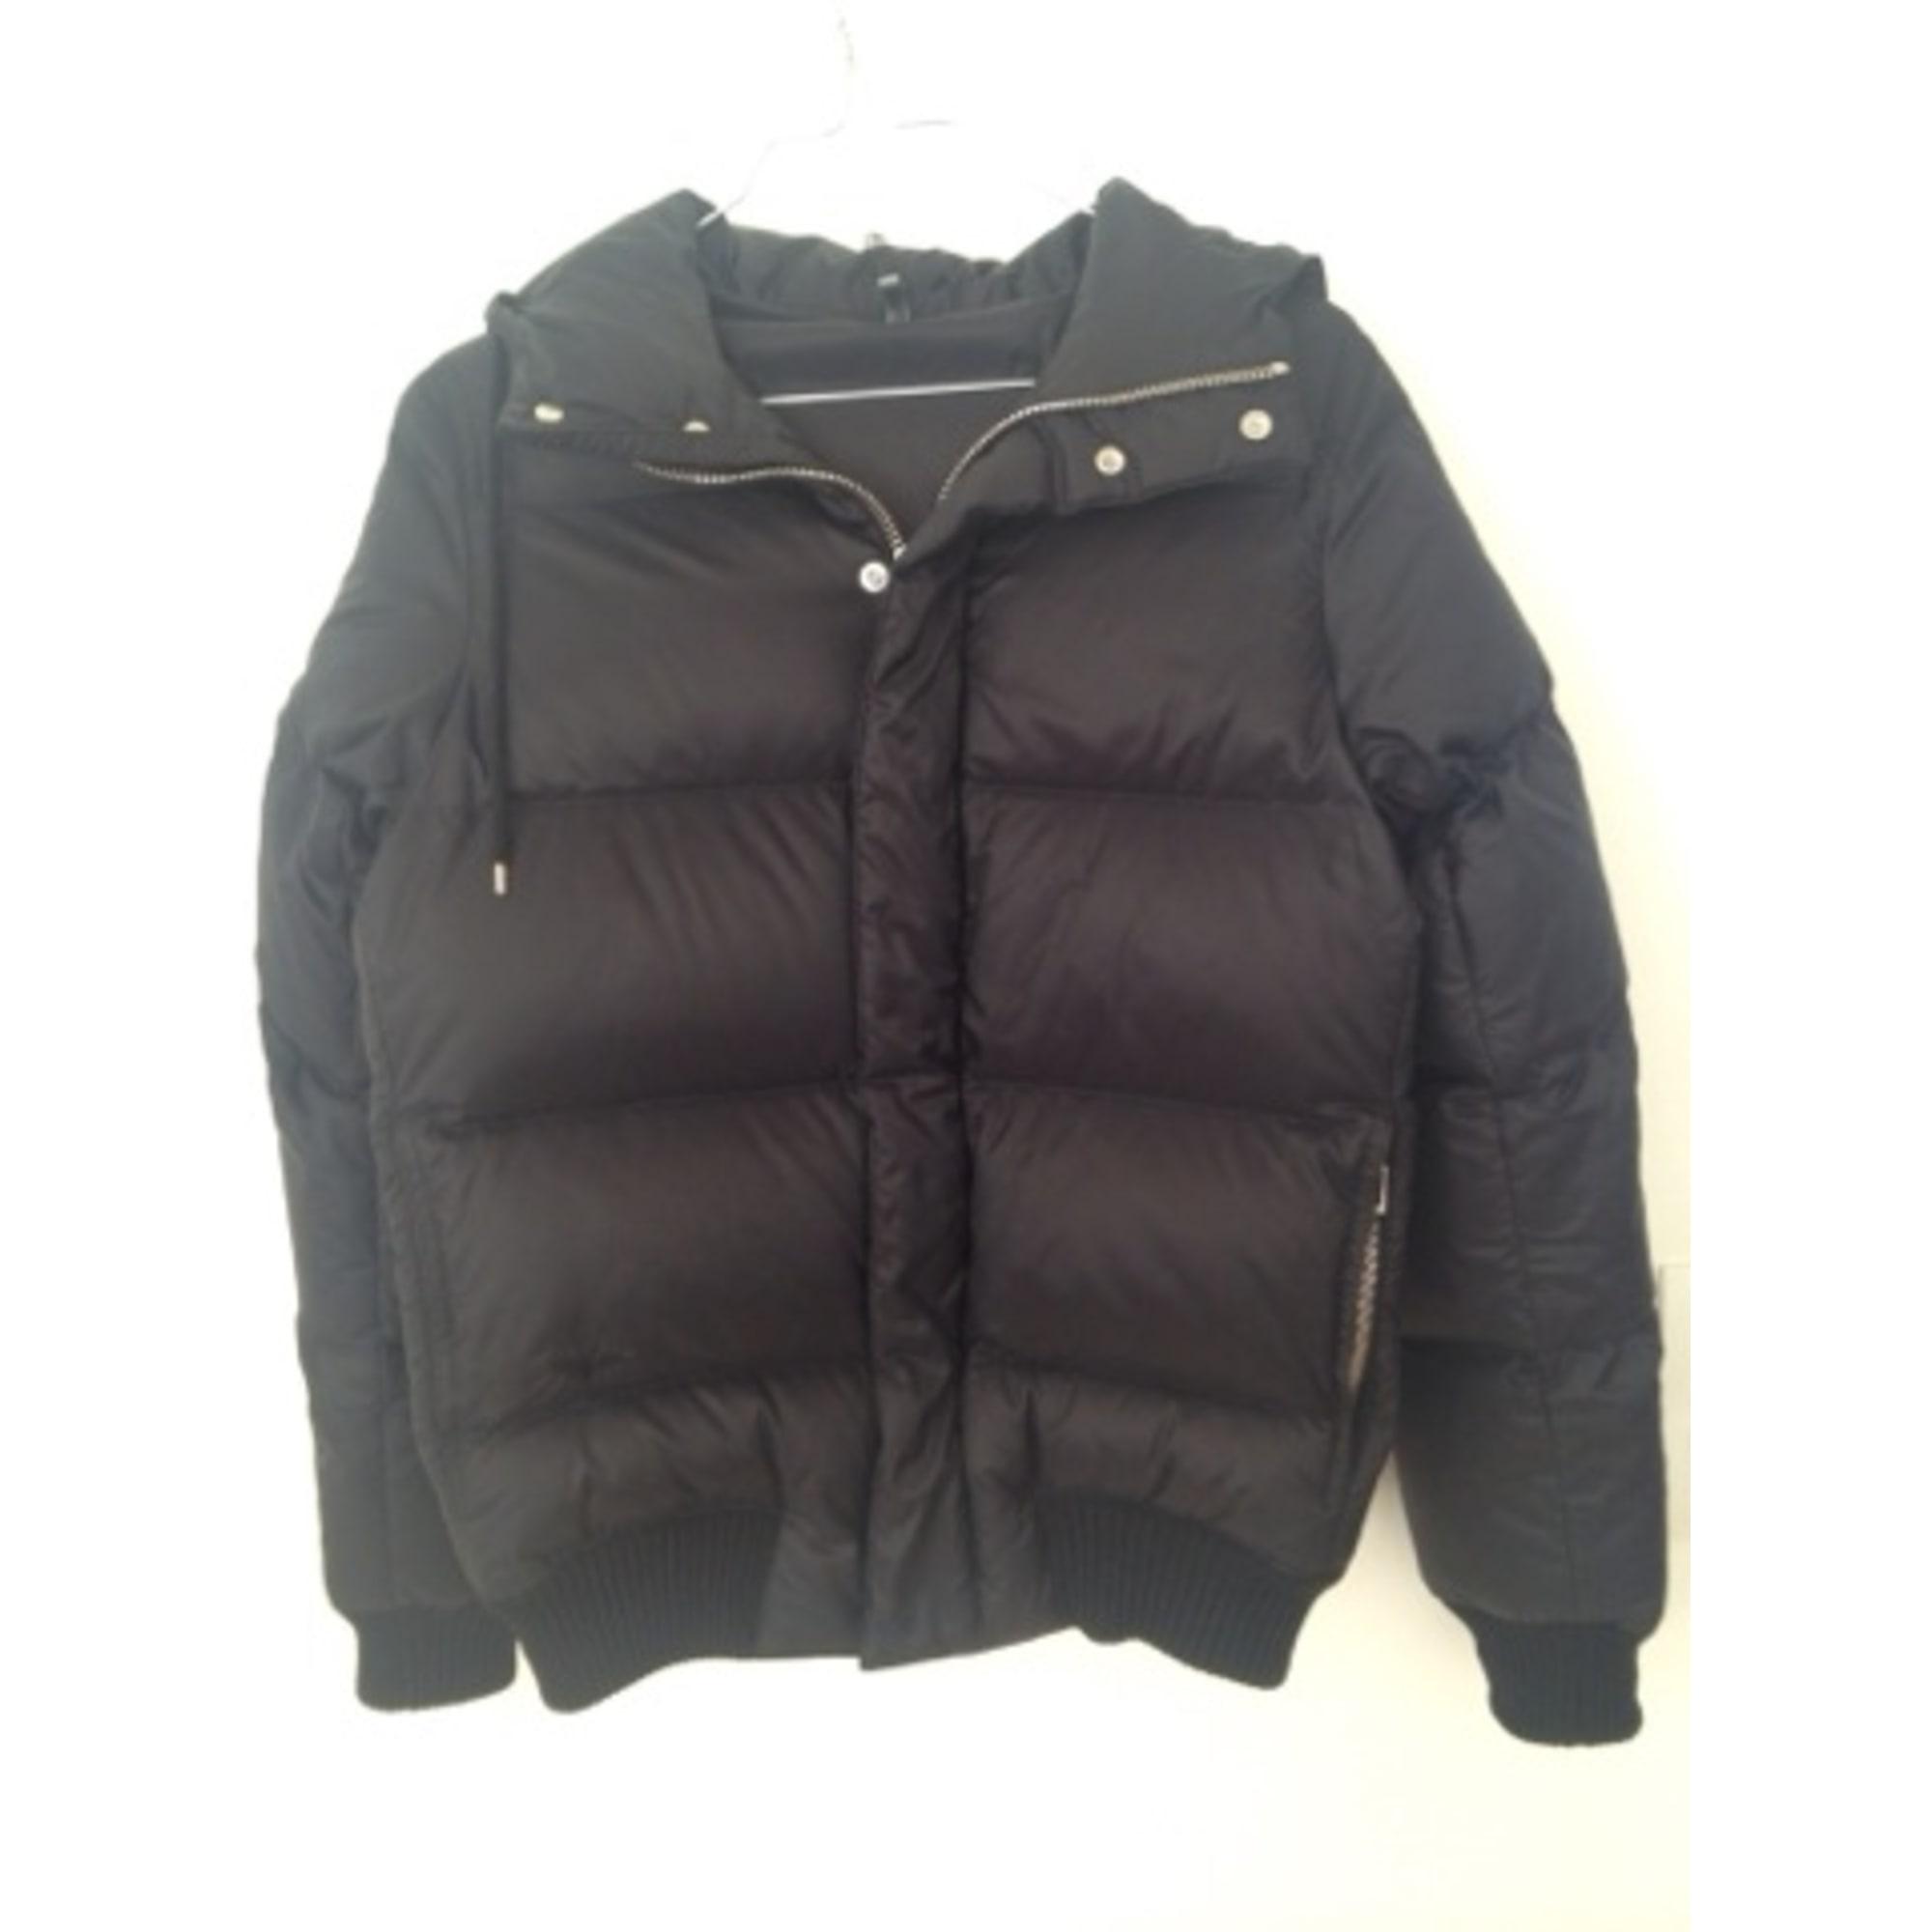 770383262a27 Doudoune DIOR HOMME 42 noir vendu par Rodriguezmarion2150939 - 2287182